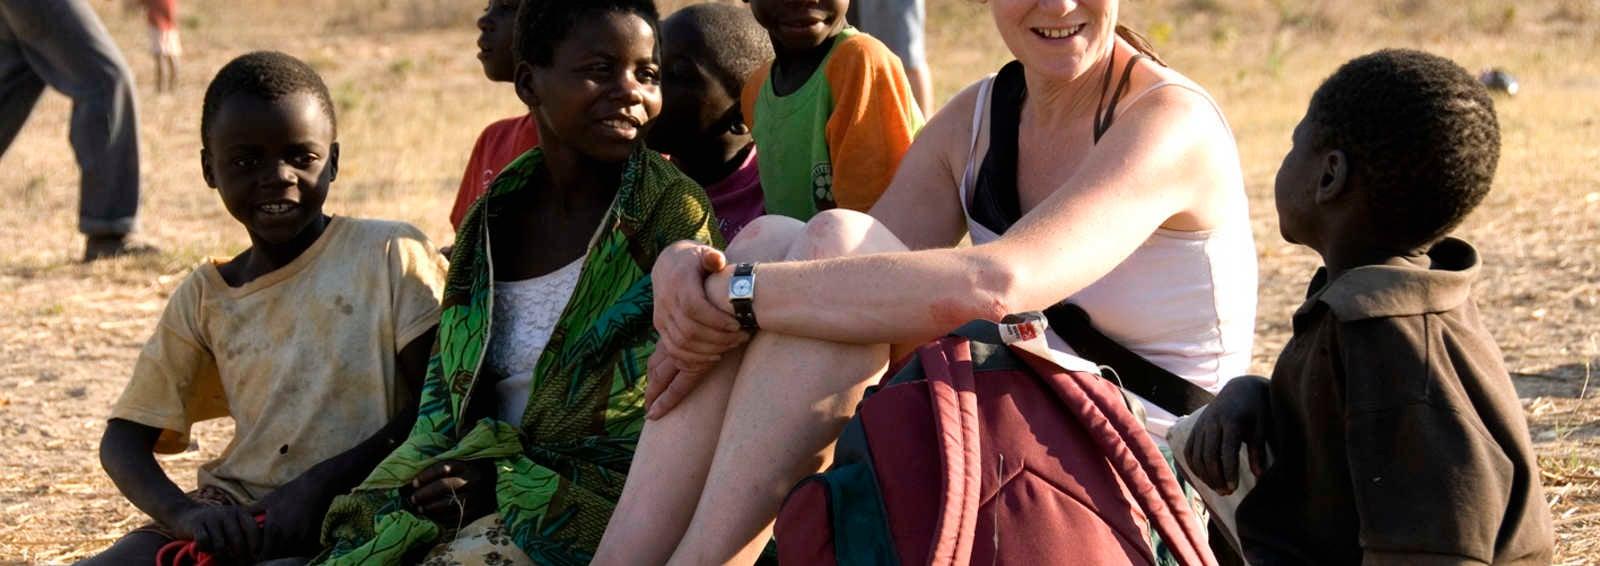 Chikumbi Community Centre, Zambia